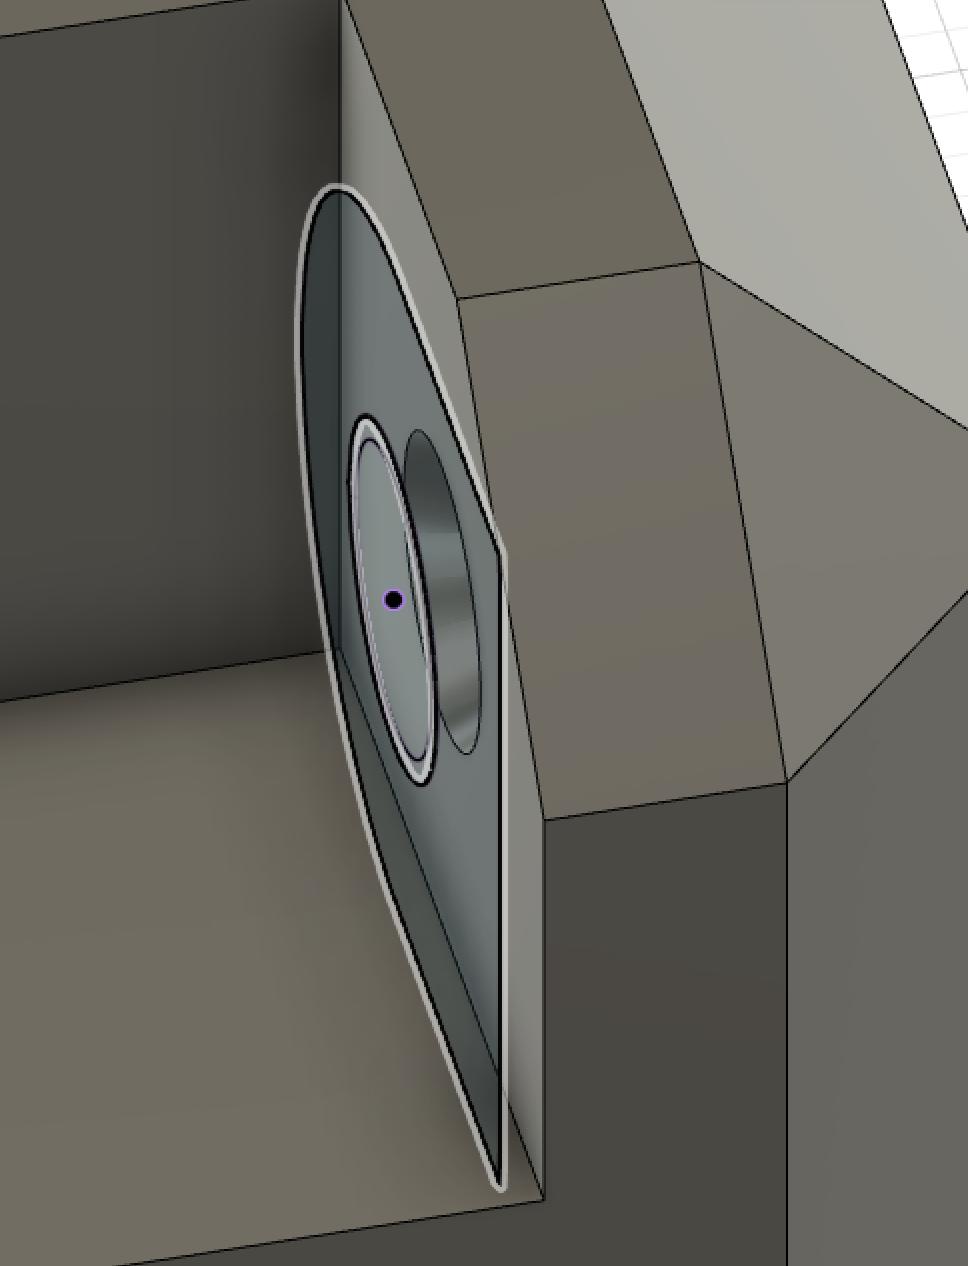 Creating the Pins/Sockets